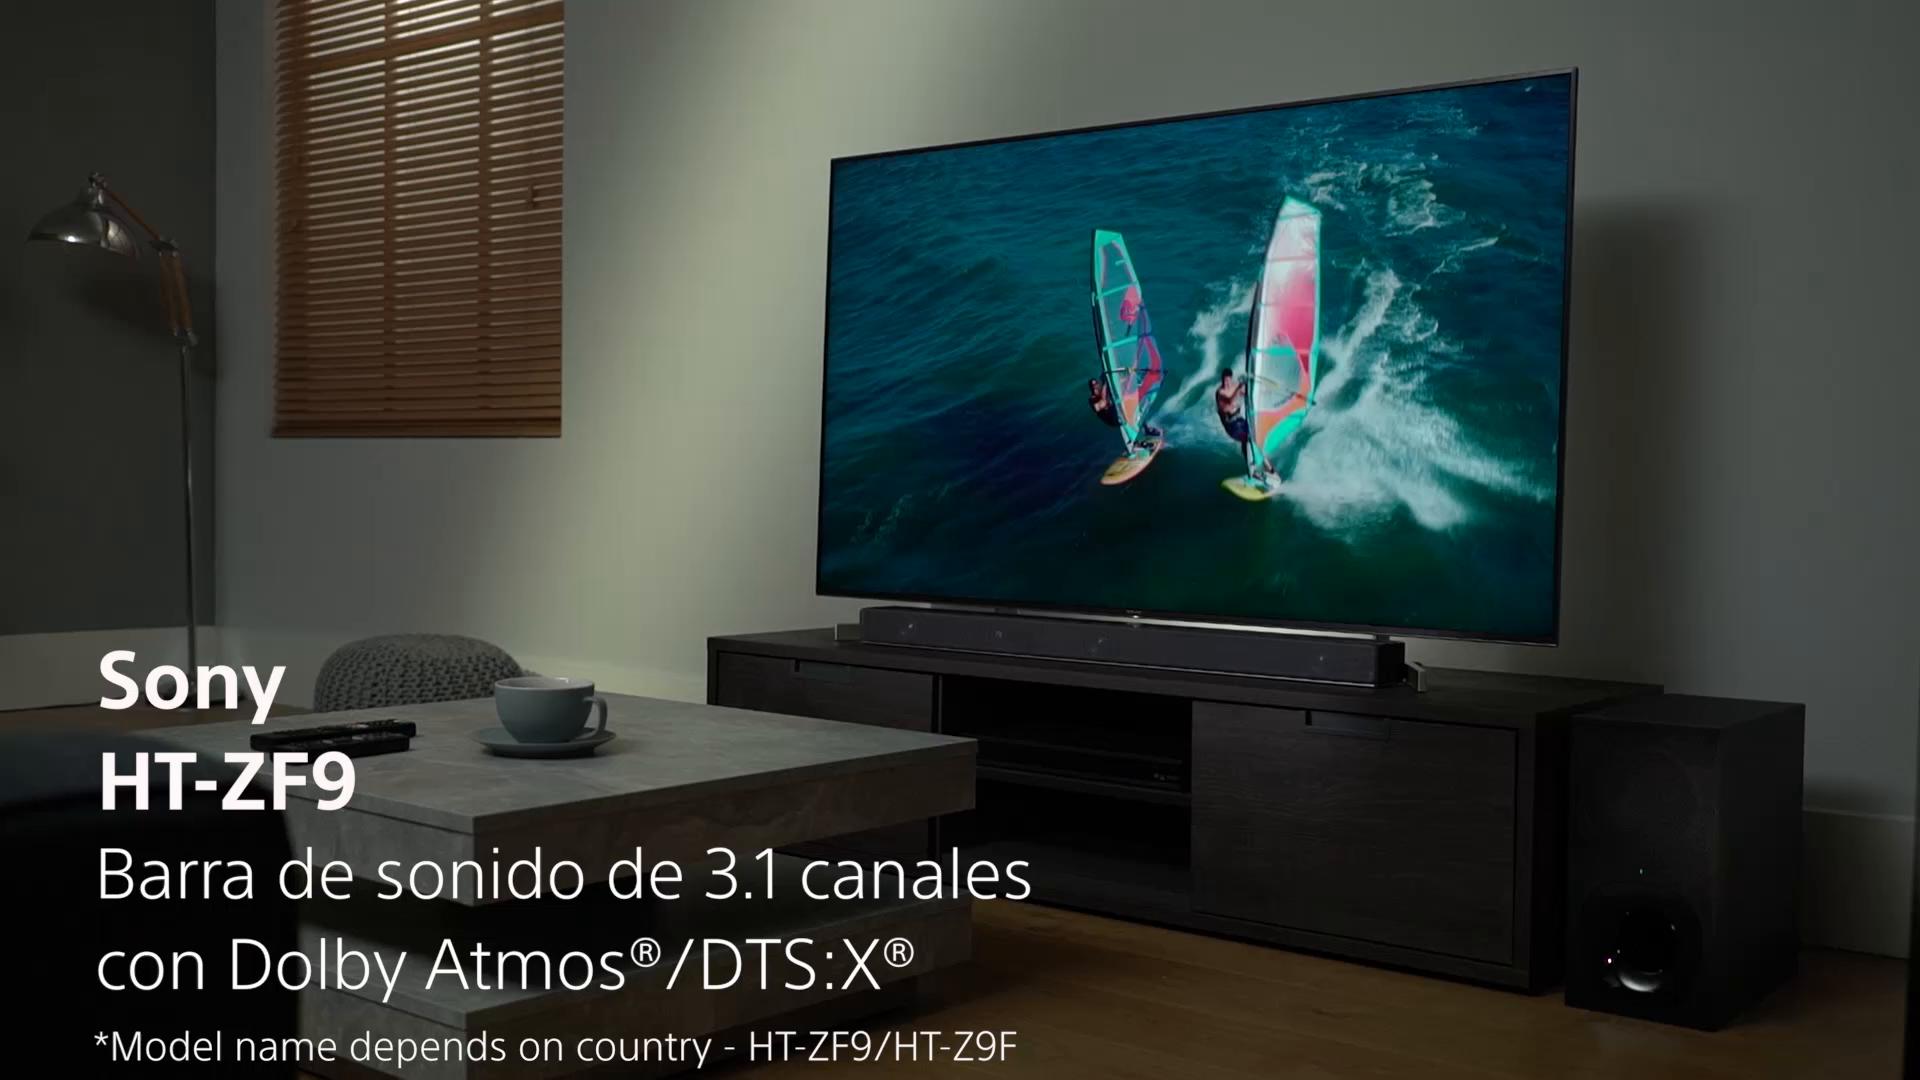 Sony HT-ZF9 - Barra de sonido 3.1 con Alexa Integrada (Dolby Atmos, DTS:X, HDMI, Bluetooth, Wi-Fi, compatible con 4K HDR, HDCP 2.2), color negro: Amazon.es: Electrónica